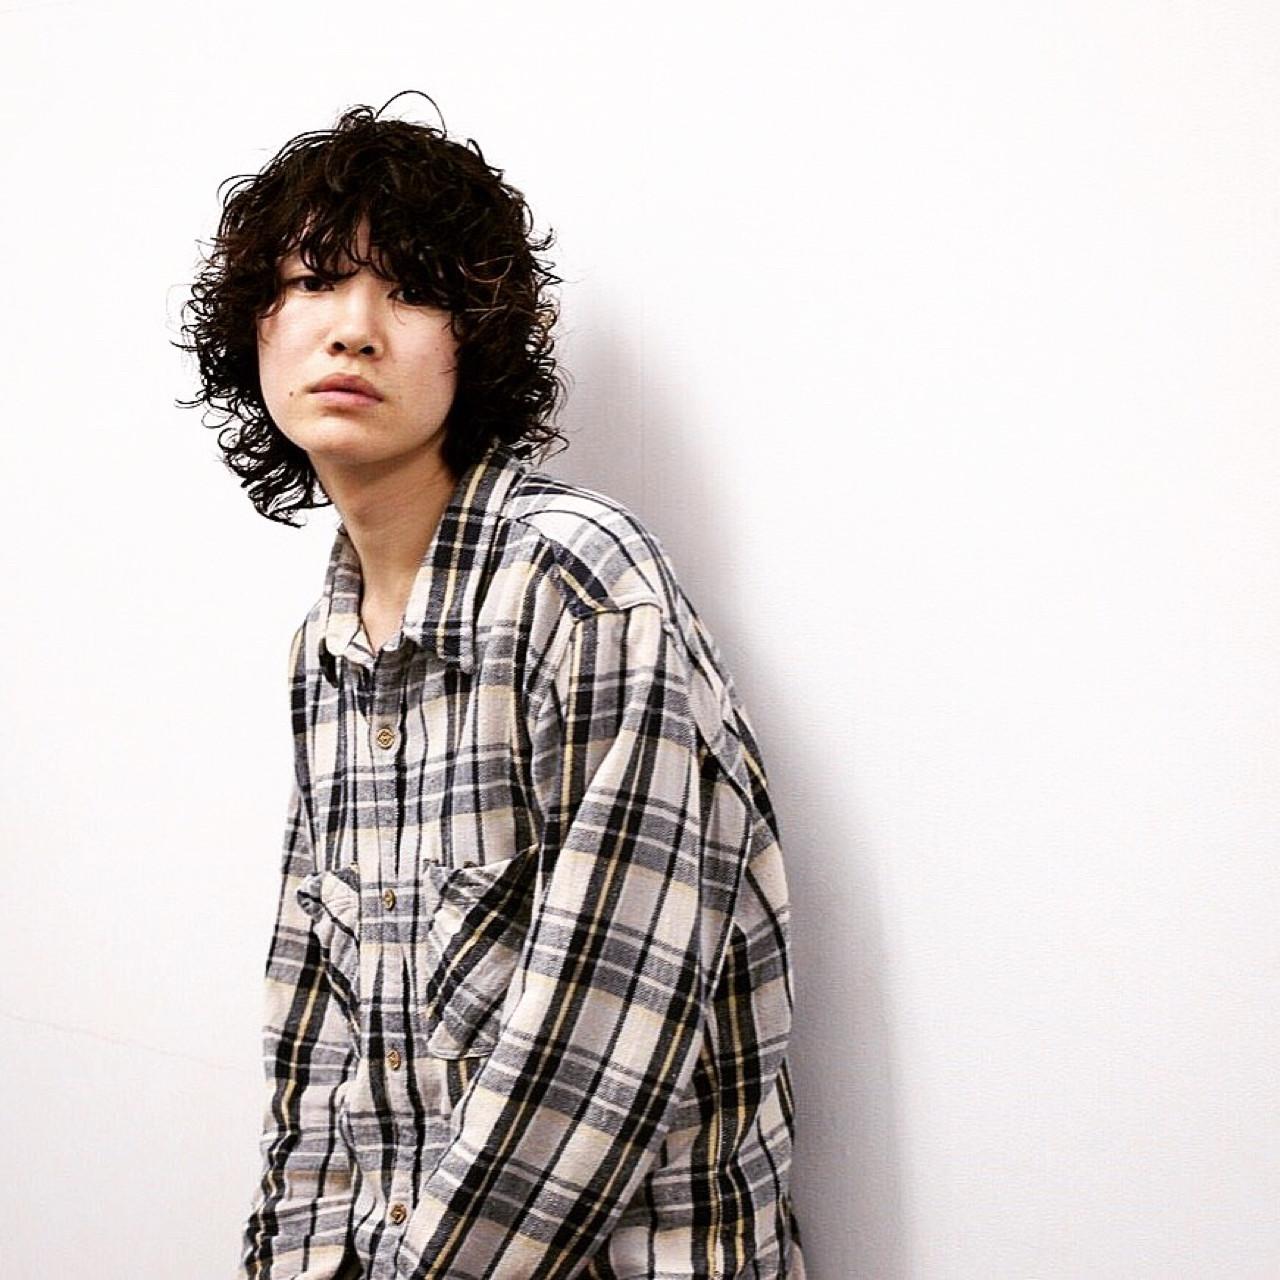 ミディアム ストリート ウルフカット 外国人風 ヘアスタイルや髪型の写真・画像 | 井上 拓耶 / know hair studio